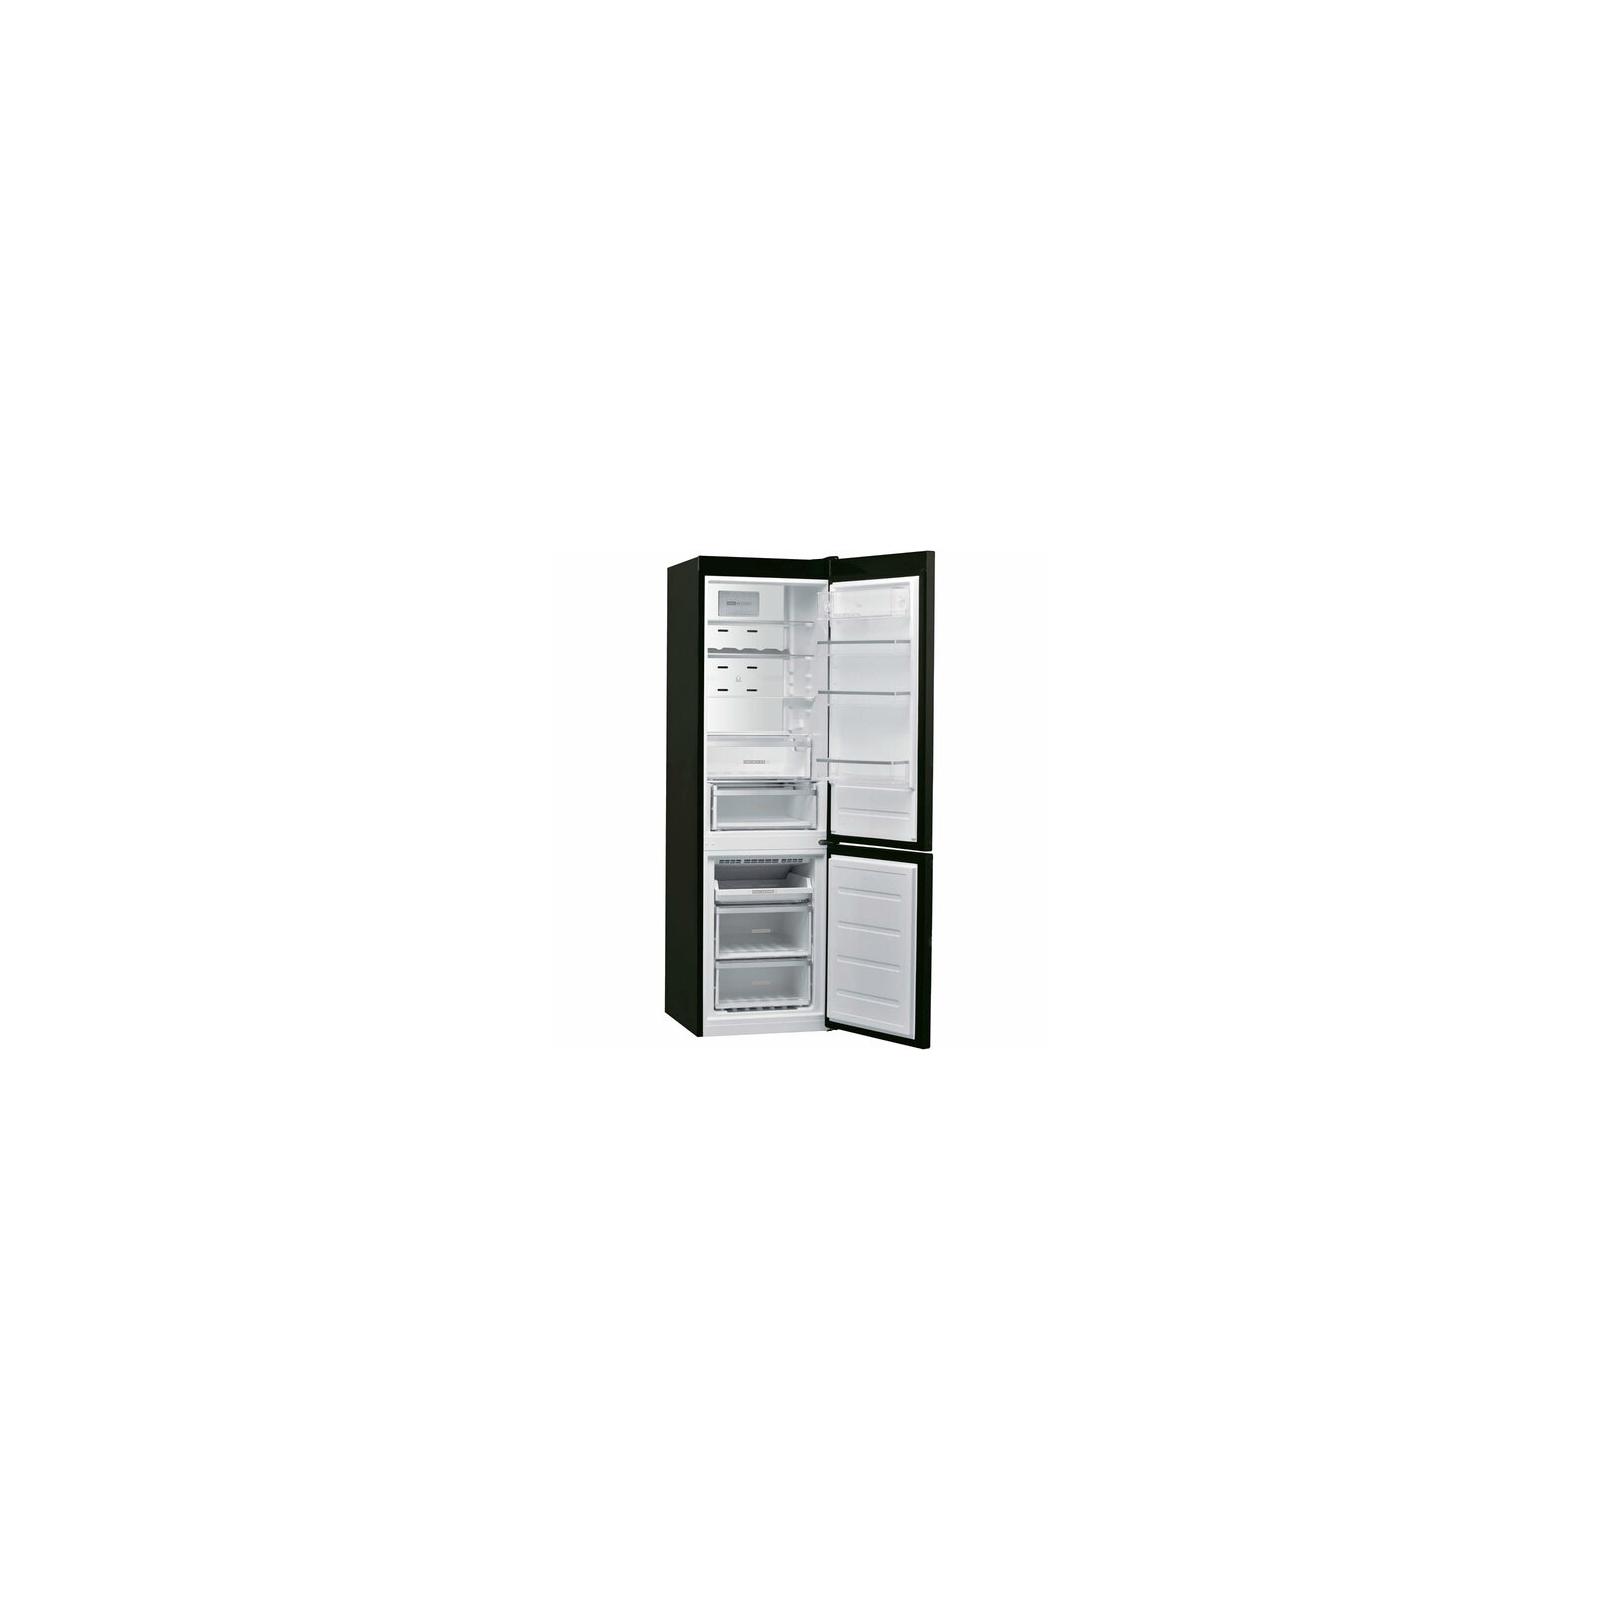 Холодильник Whirlpool W9931DKS изображение 2